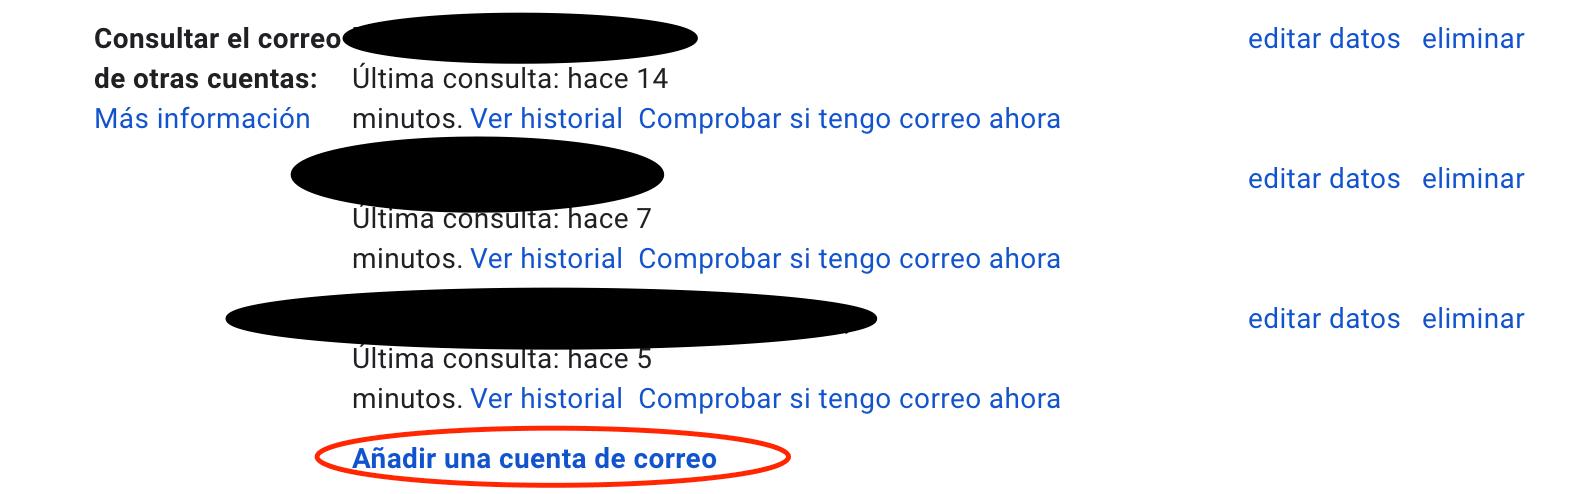 Configurar email corporativo - 2 añadir cuenta